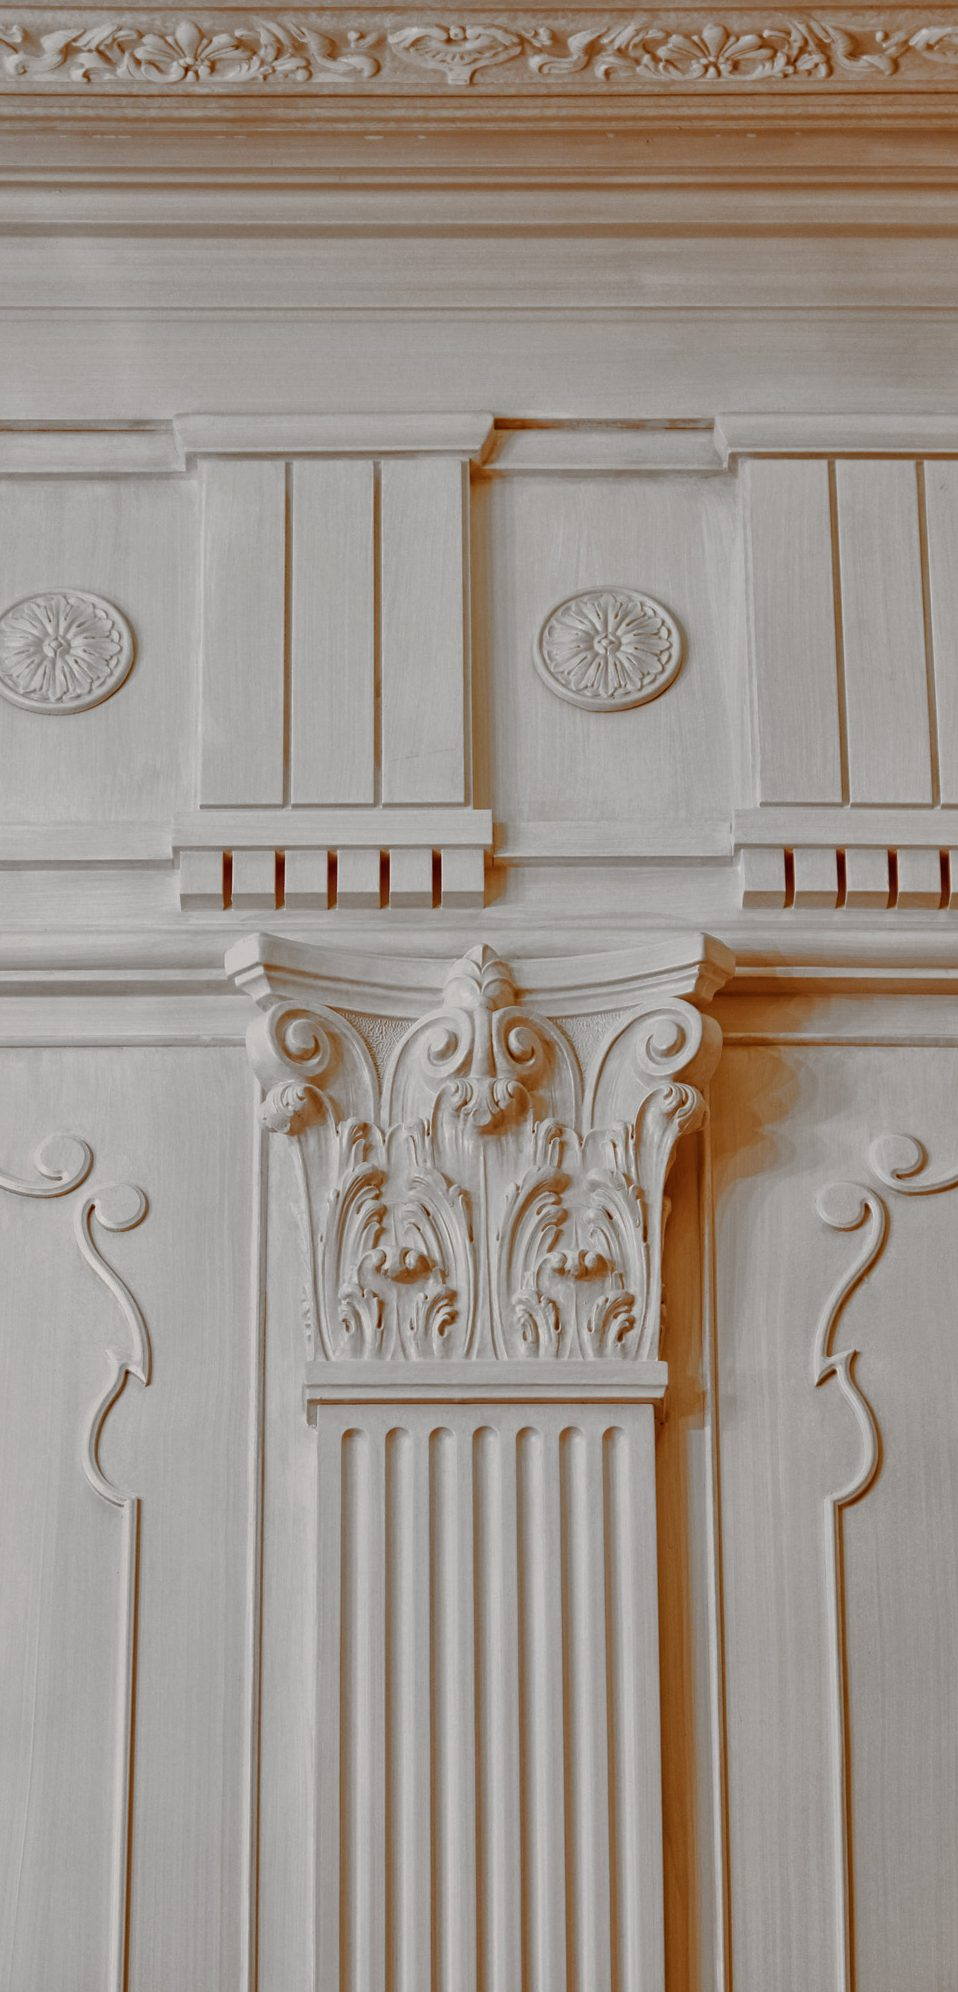 Ristrutturazione interni, dettaglio ornamento in gesso, interni classici